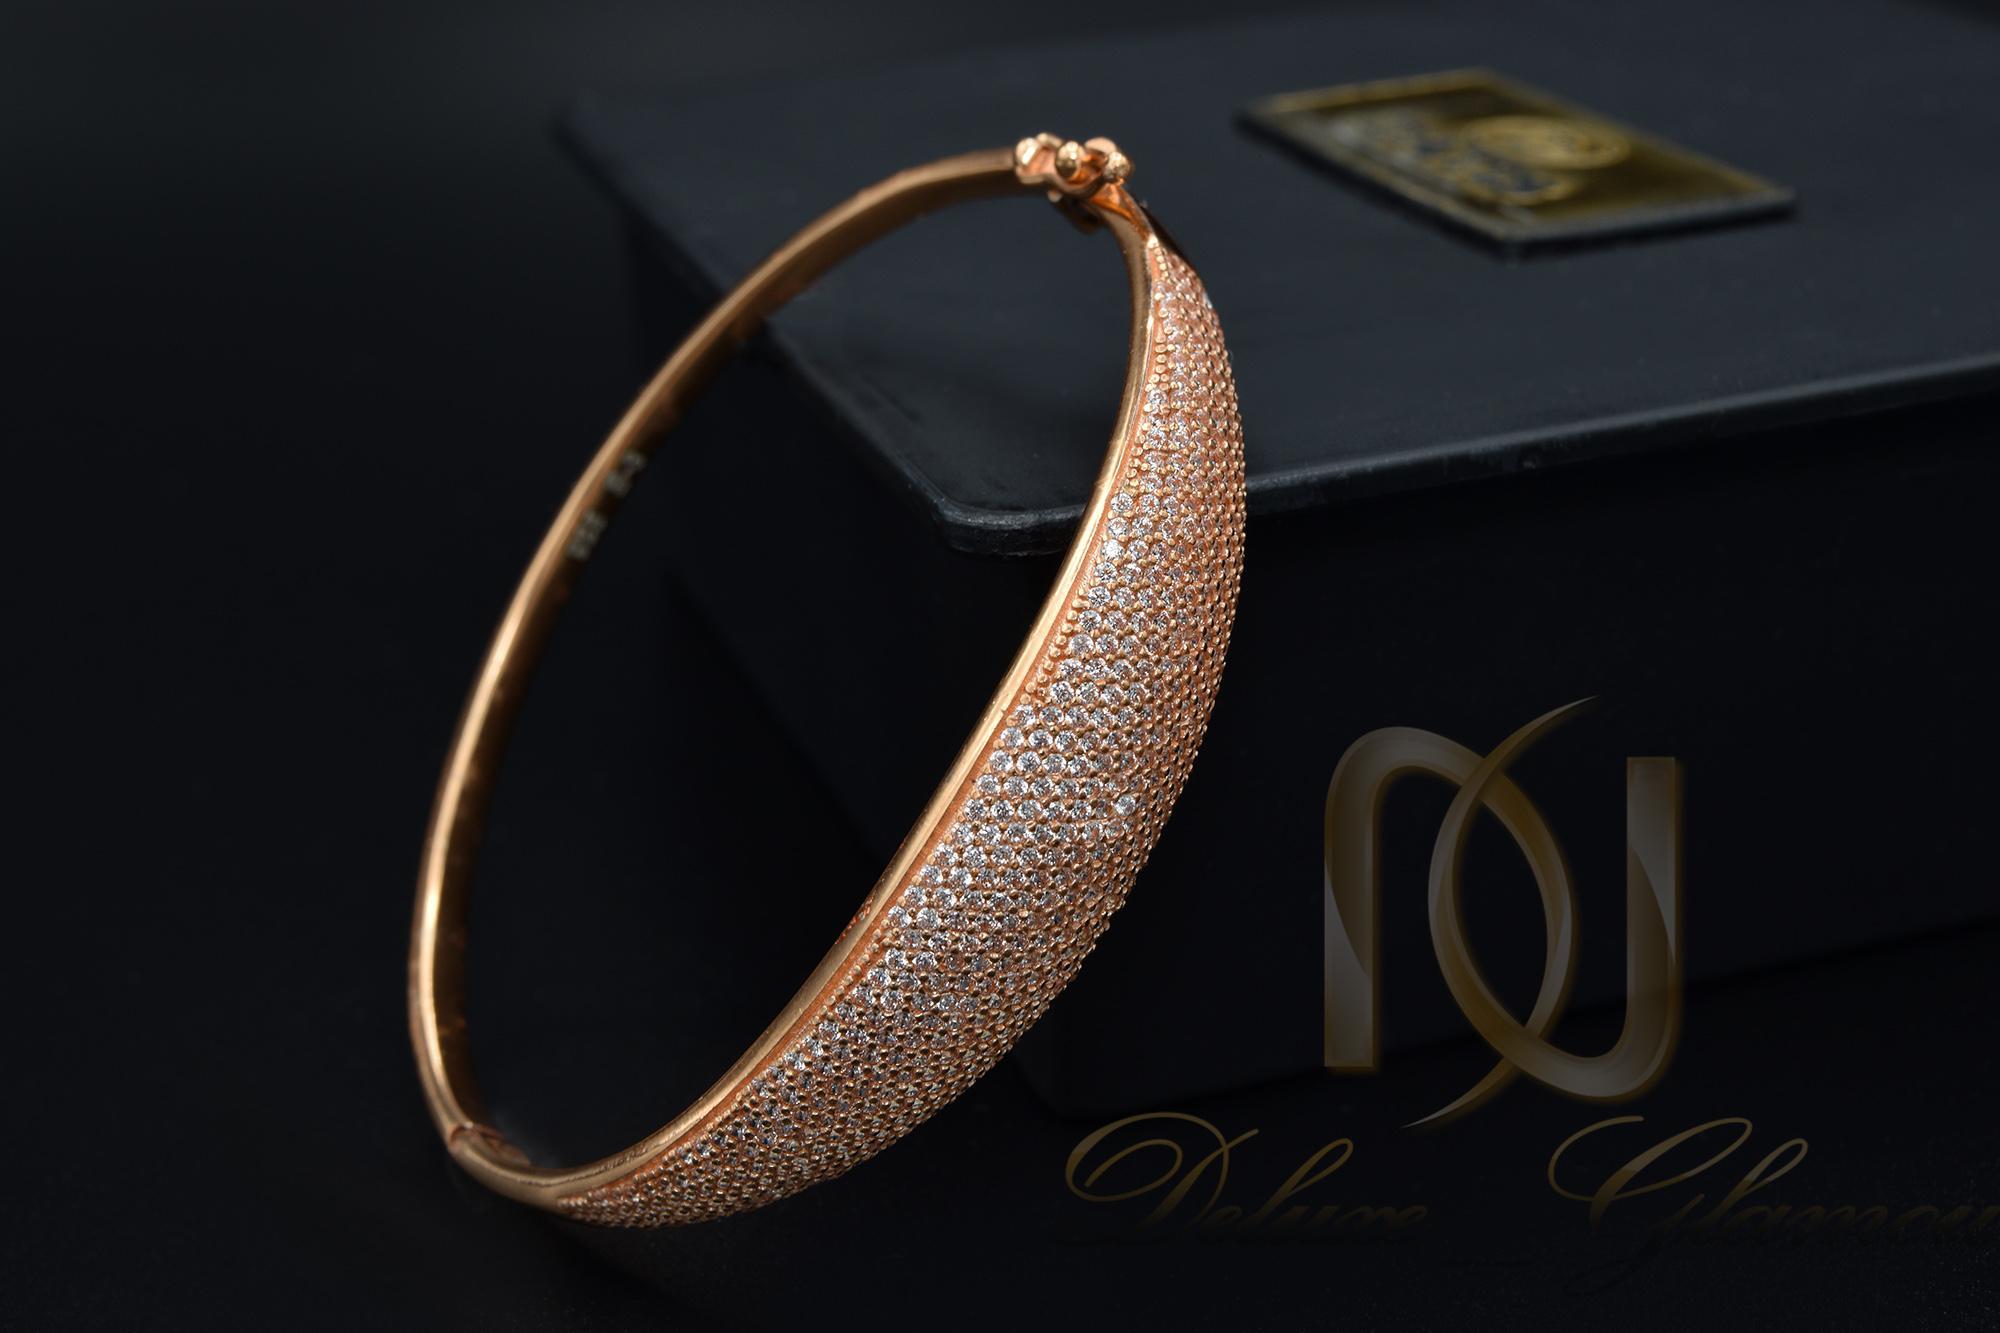 دستبند نقره زنانه رزگلد نگین دار ds-n378 از نمای مشکی